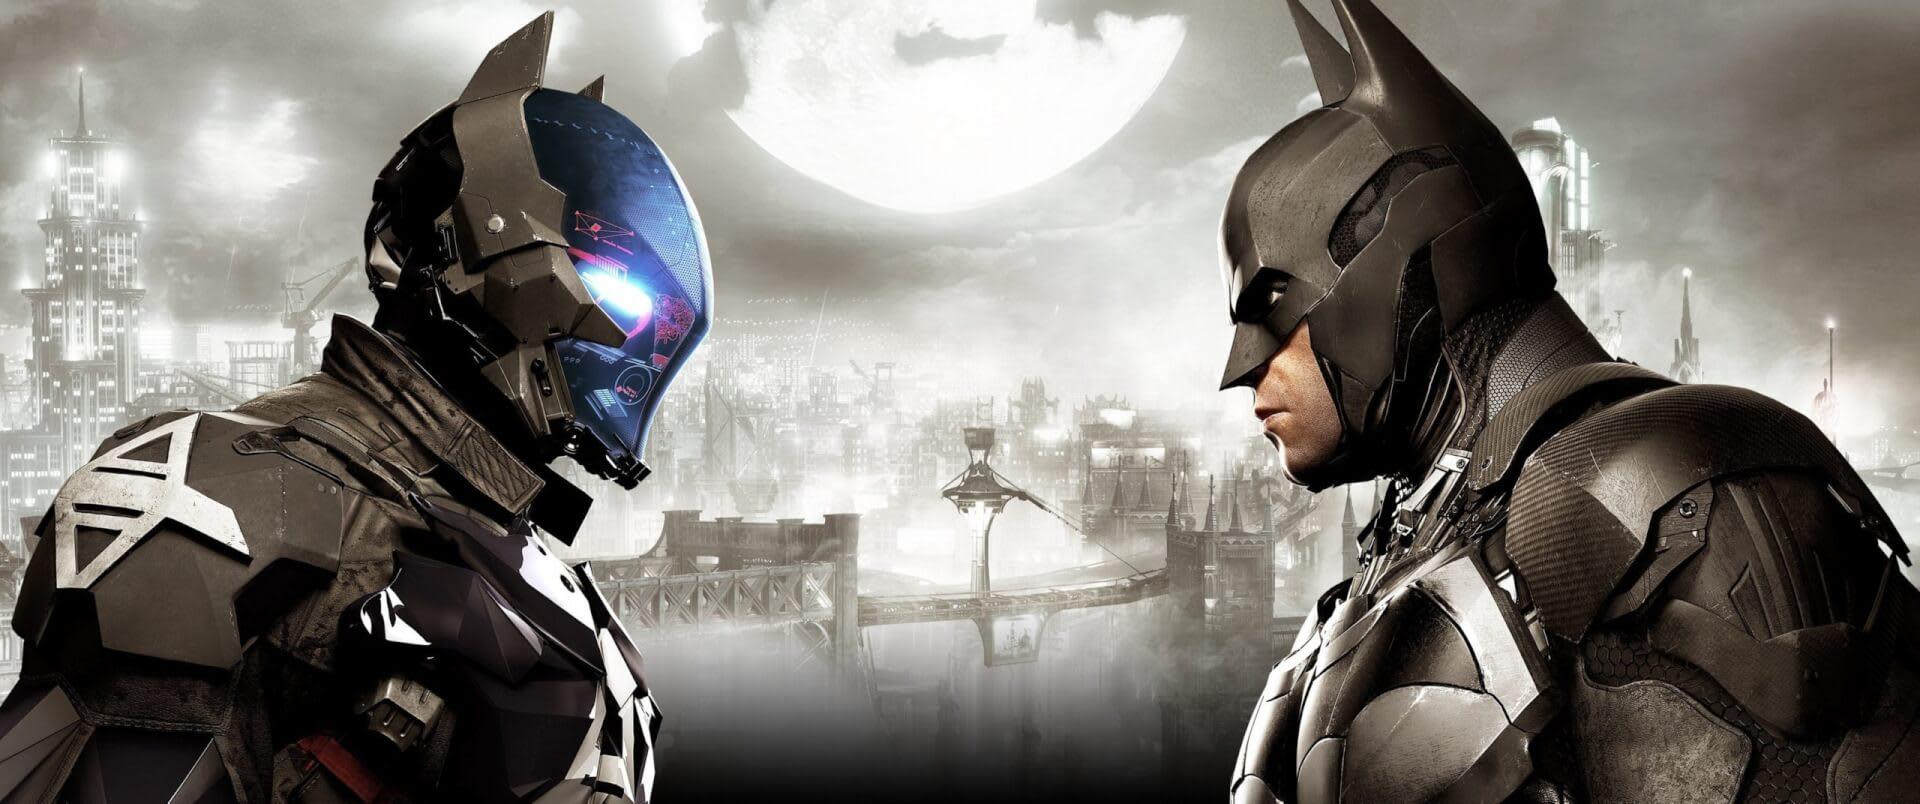 游戏心得 Batman Arkham Knight 蝙蝠侠:阿卡姆骑士